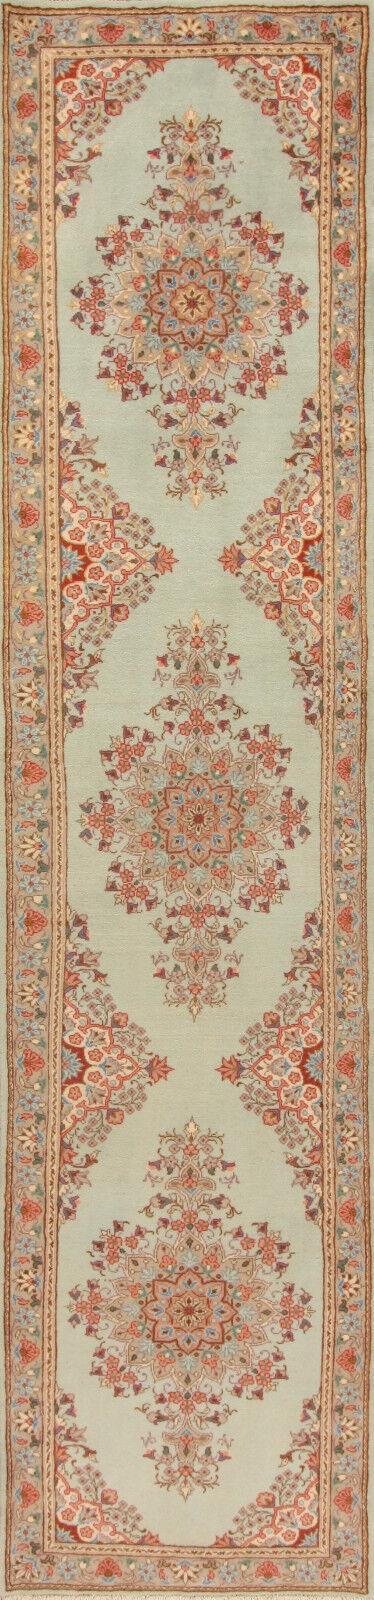 Alfombras orientales Auténticas hechas a mano persas nr. 4482 (334 x 80) cm